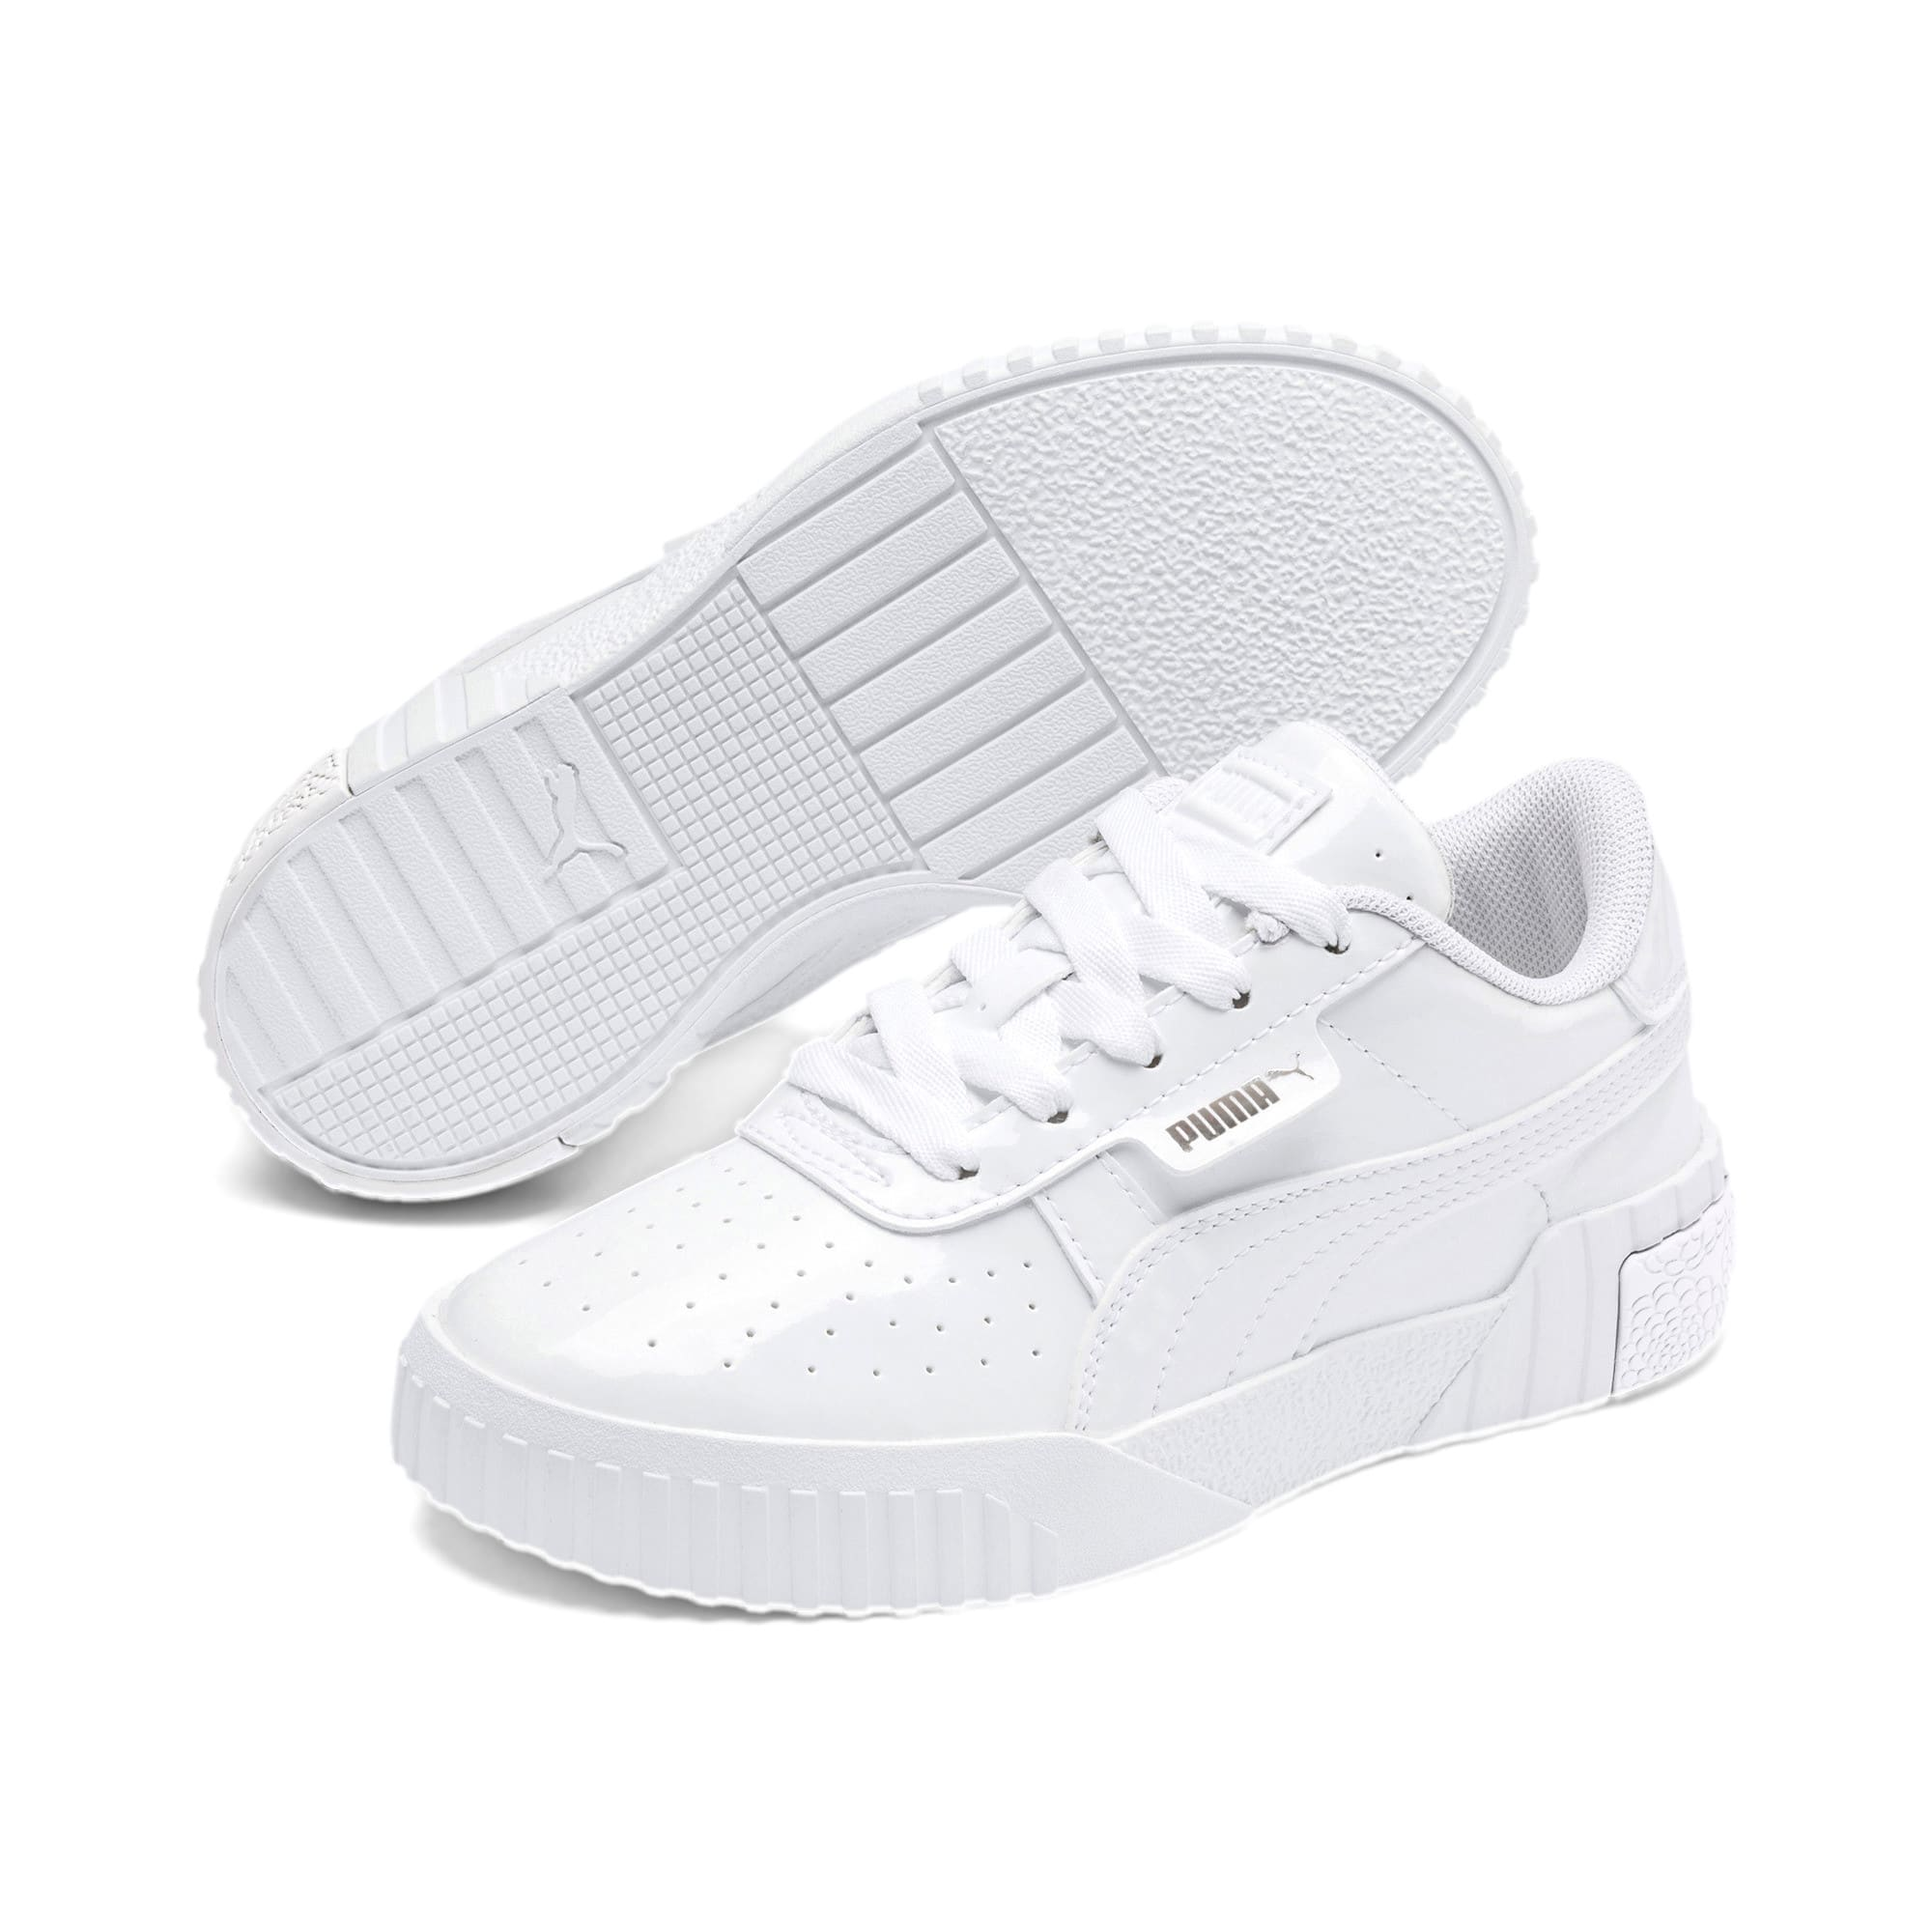 Miniatura 2 de Zapatos de charol Cali para niña pequeña, Puma White-Puma White, mediano